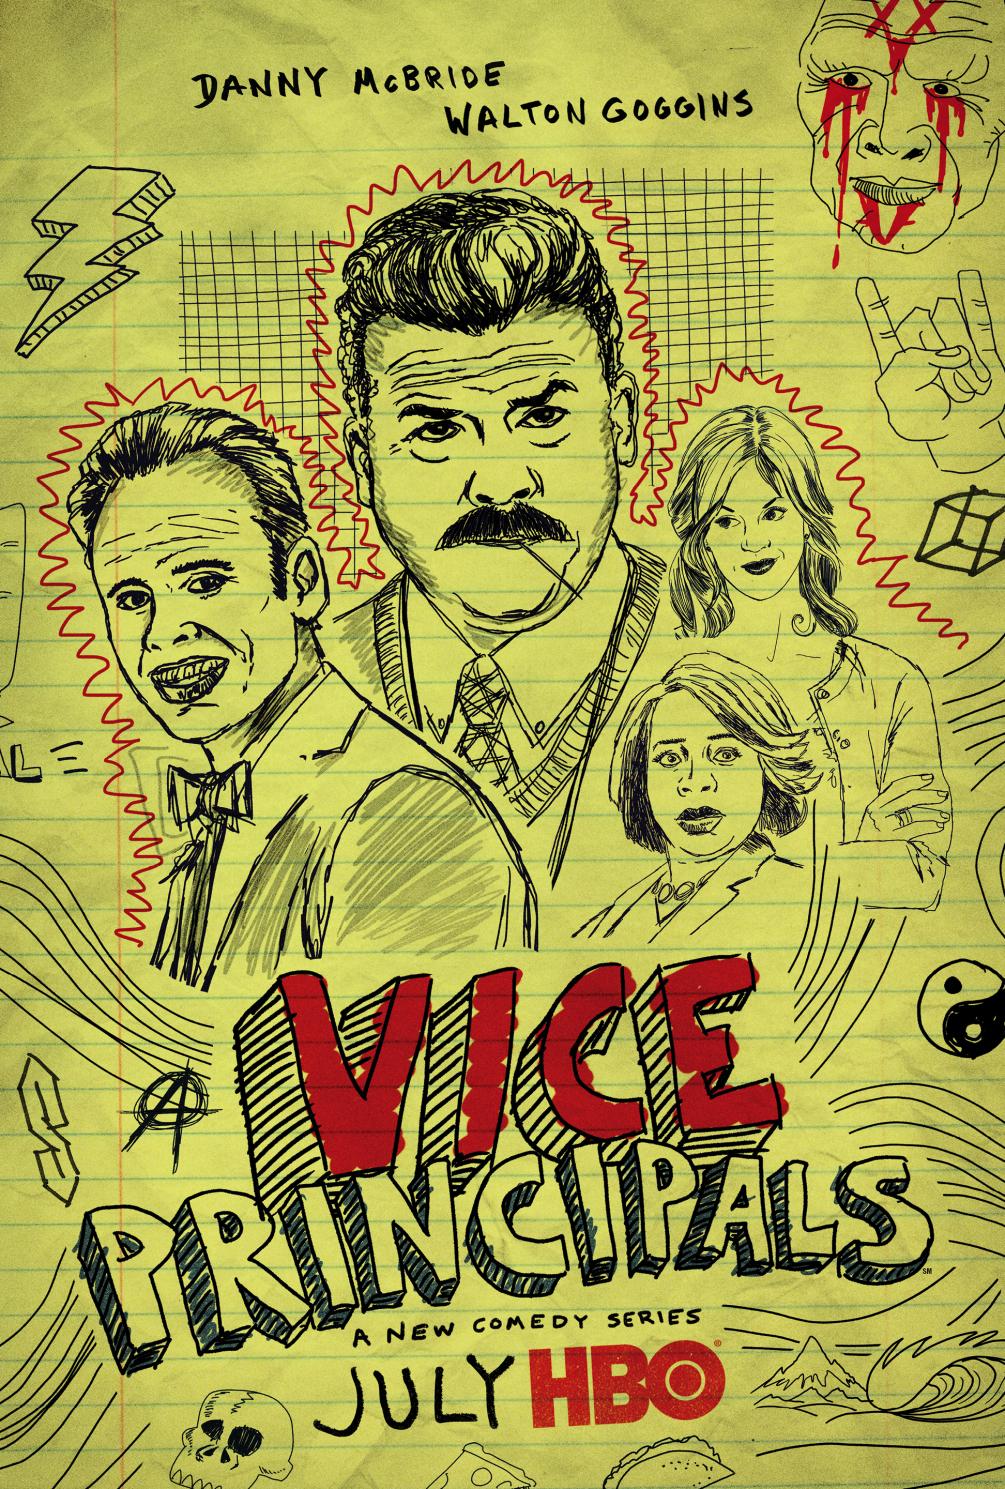 Viceprincipales